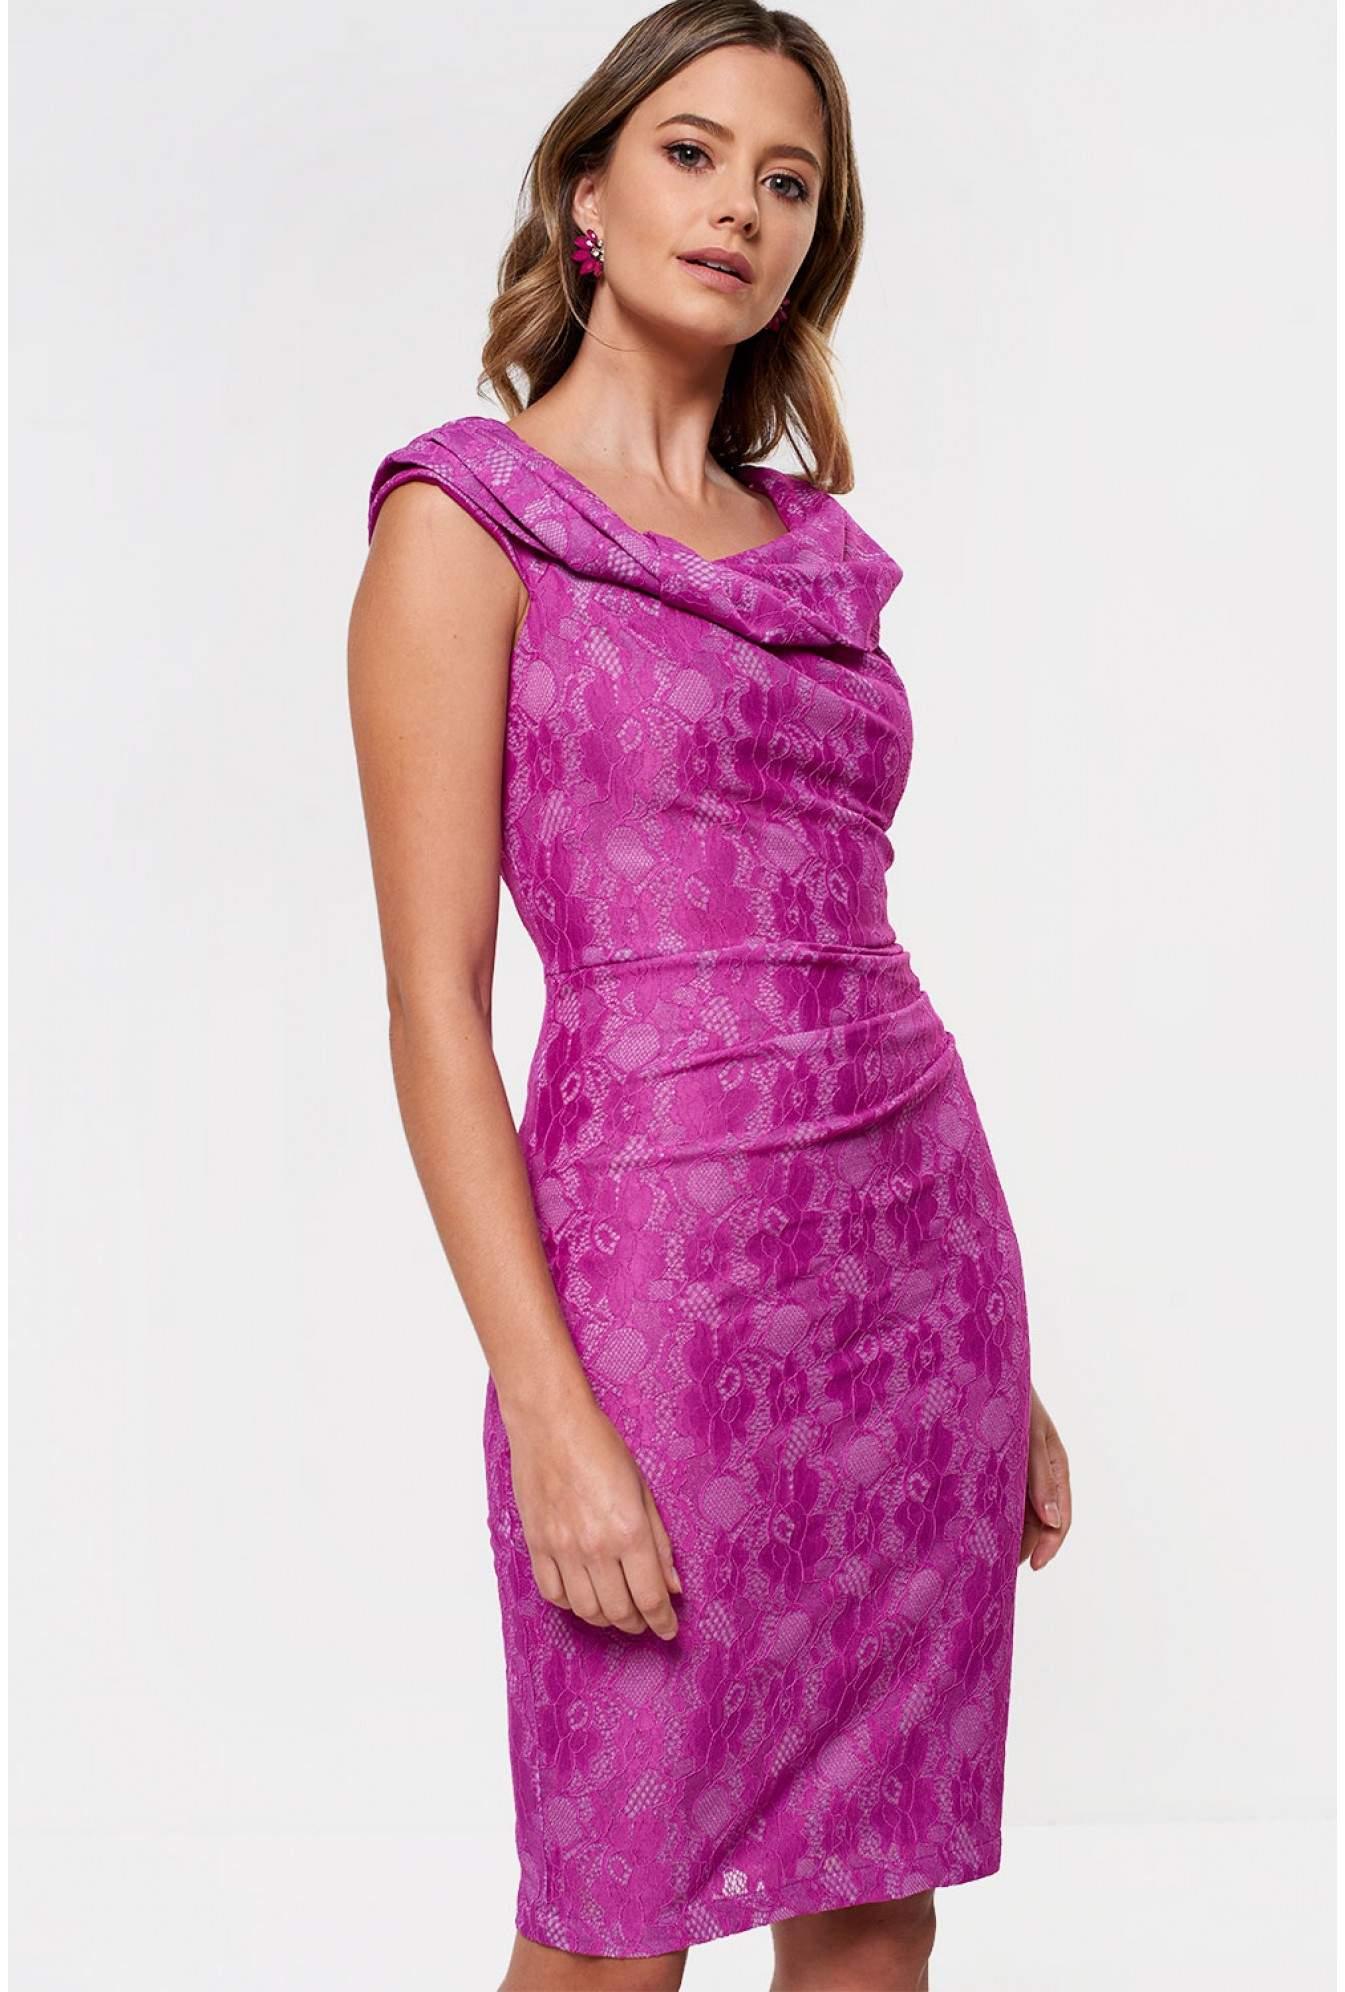 47c5c42e07a3 More Views. Ella Lace Ruched Midi Dress in Purple